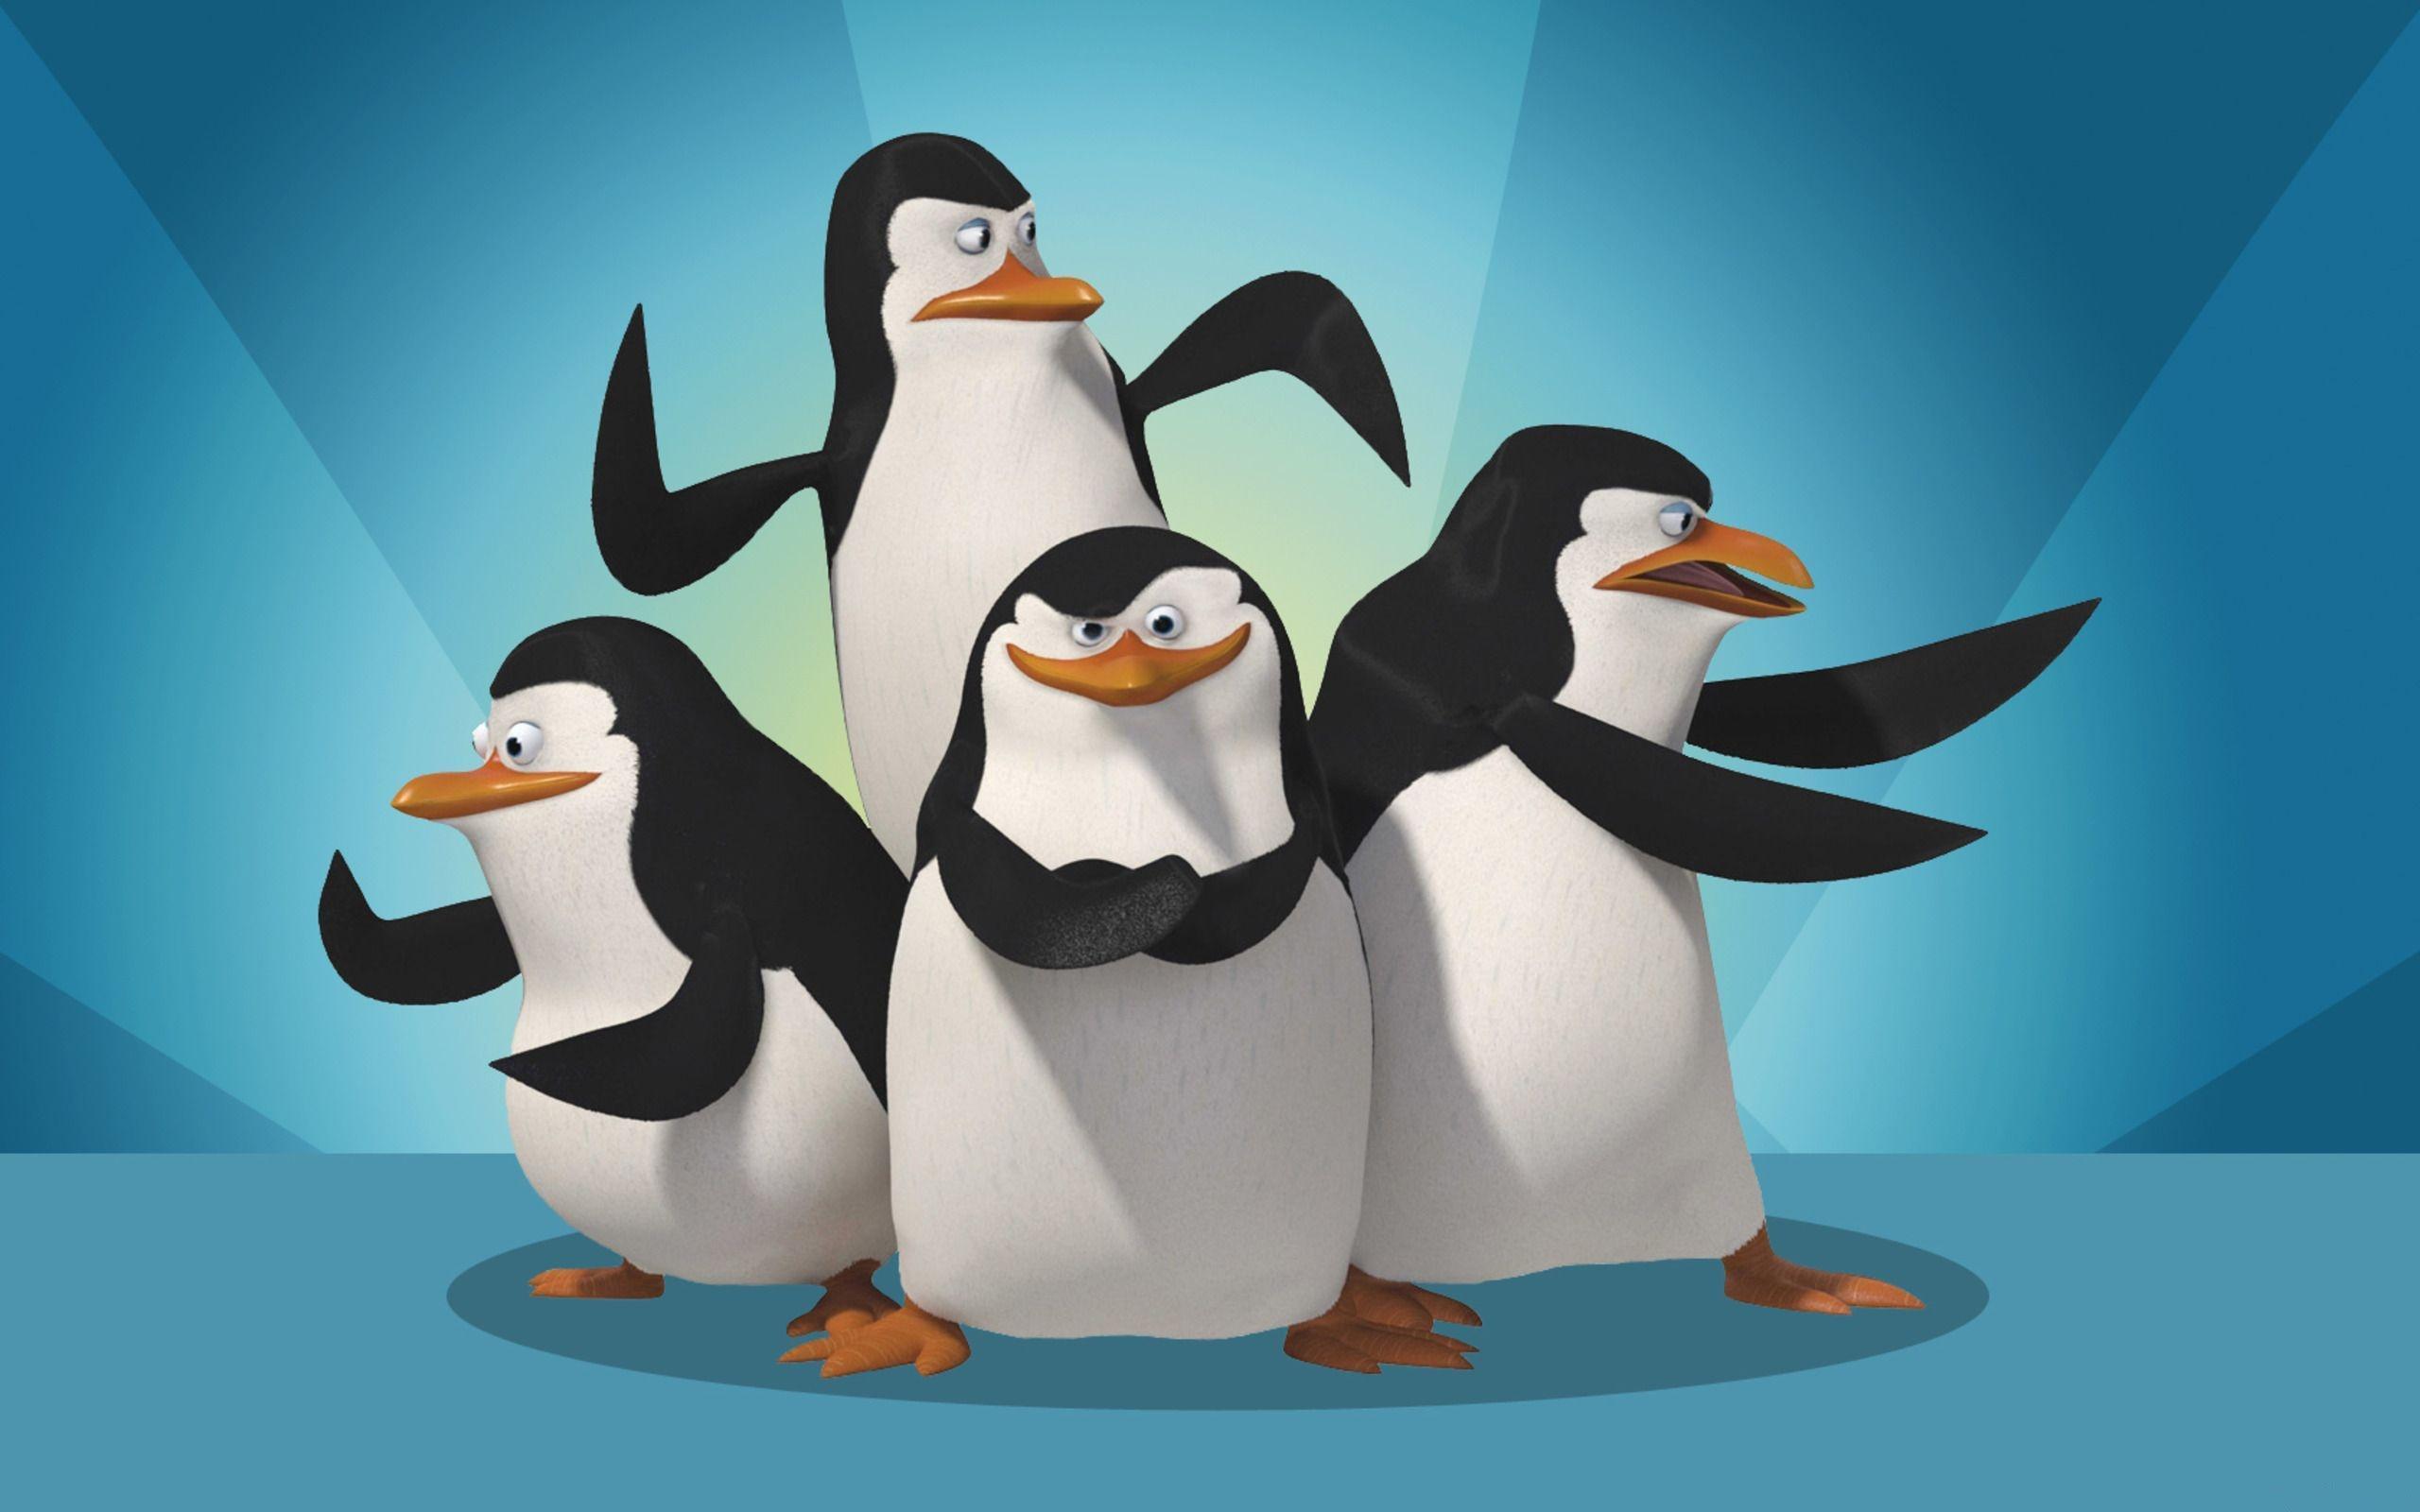 penguins of madagascar images penguins of madagascar wallpaper hd